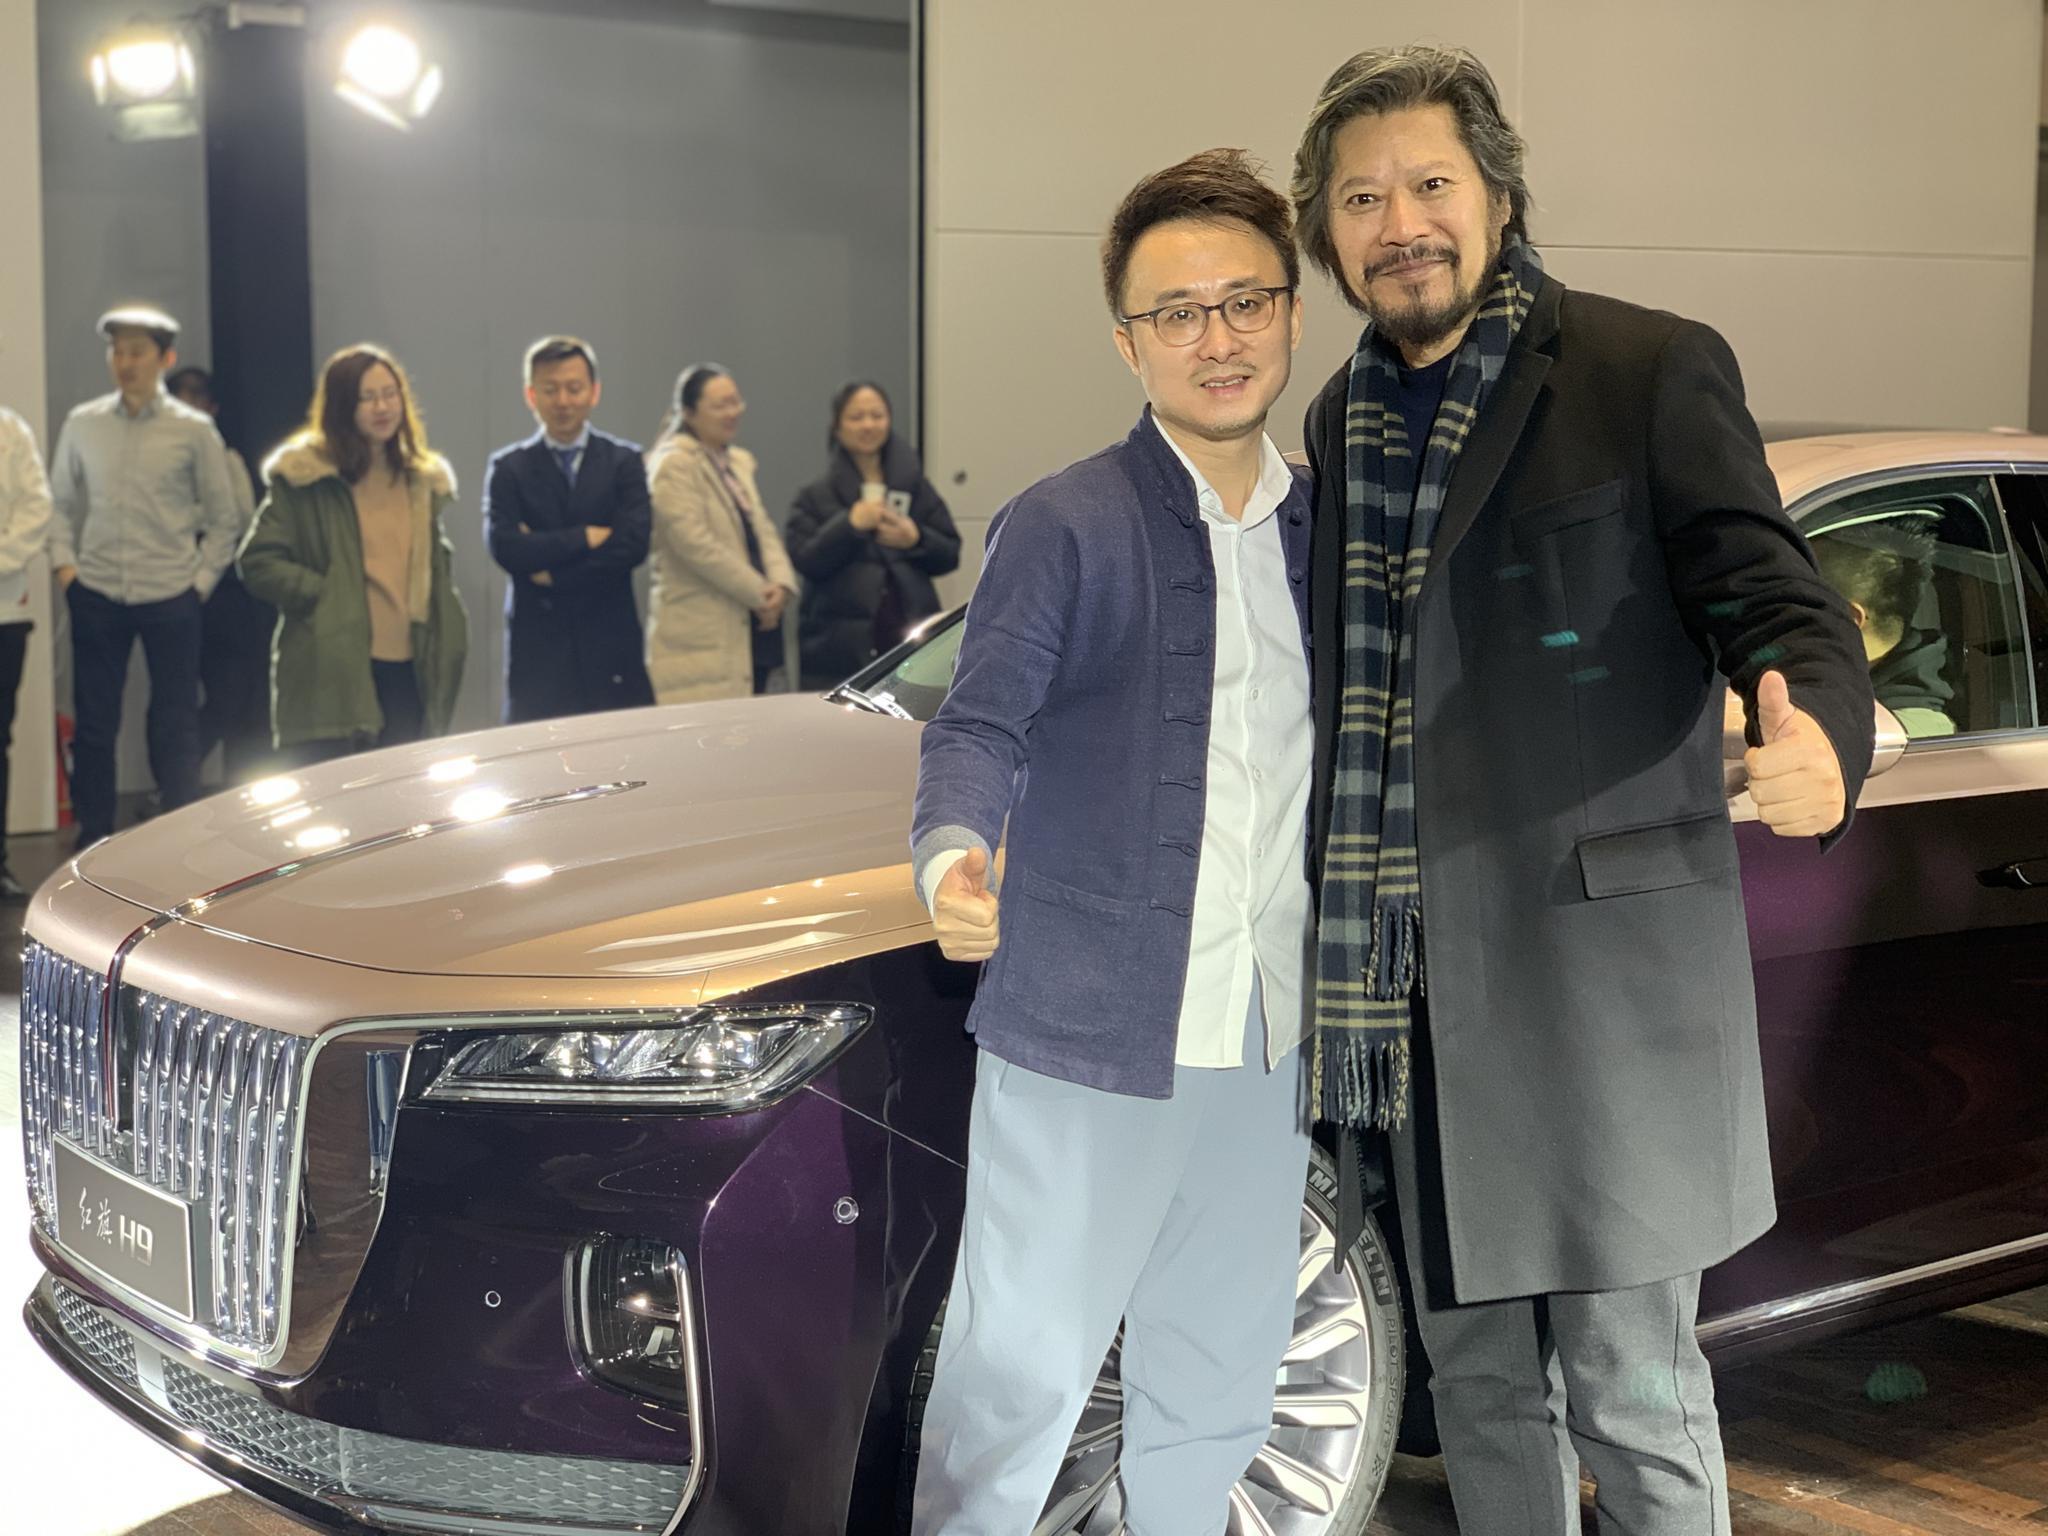 红旗H9主设计师丁杨峰(左)与中国国家画院雕塑院执行院长王艺博士(右)